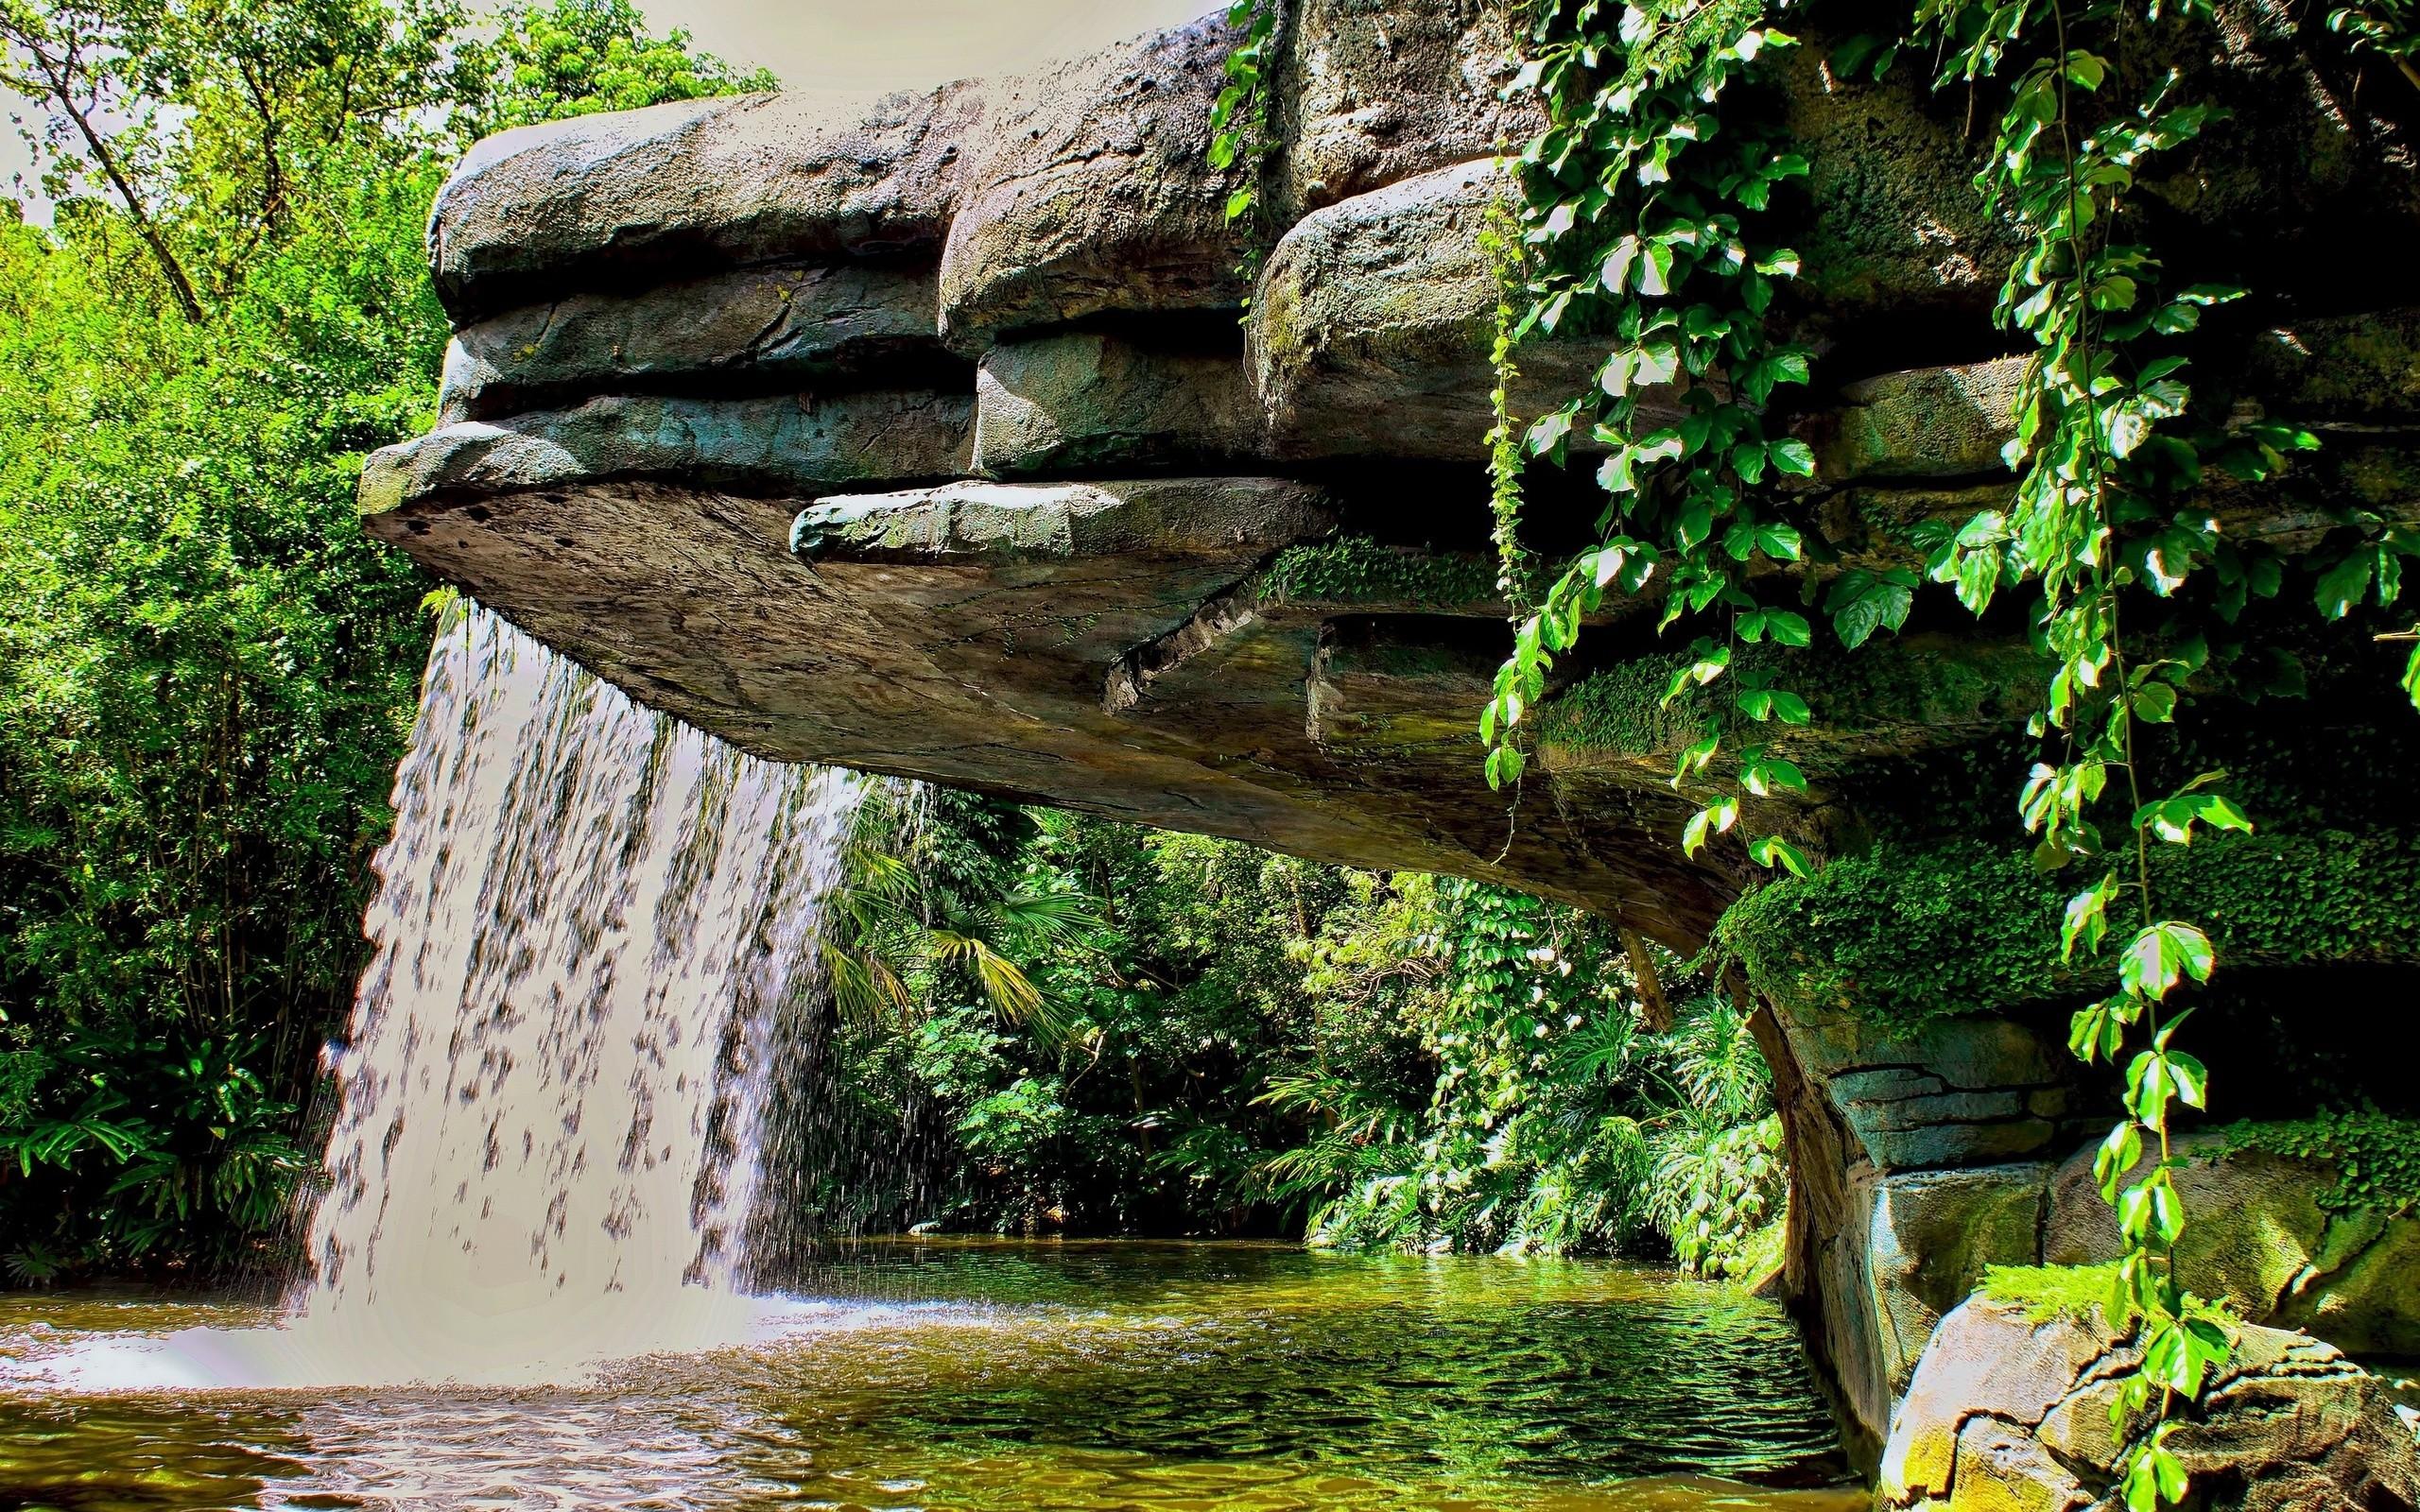 грубом картинки водоемов с водопадом взрослых человека прыгали